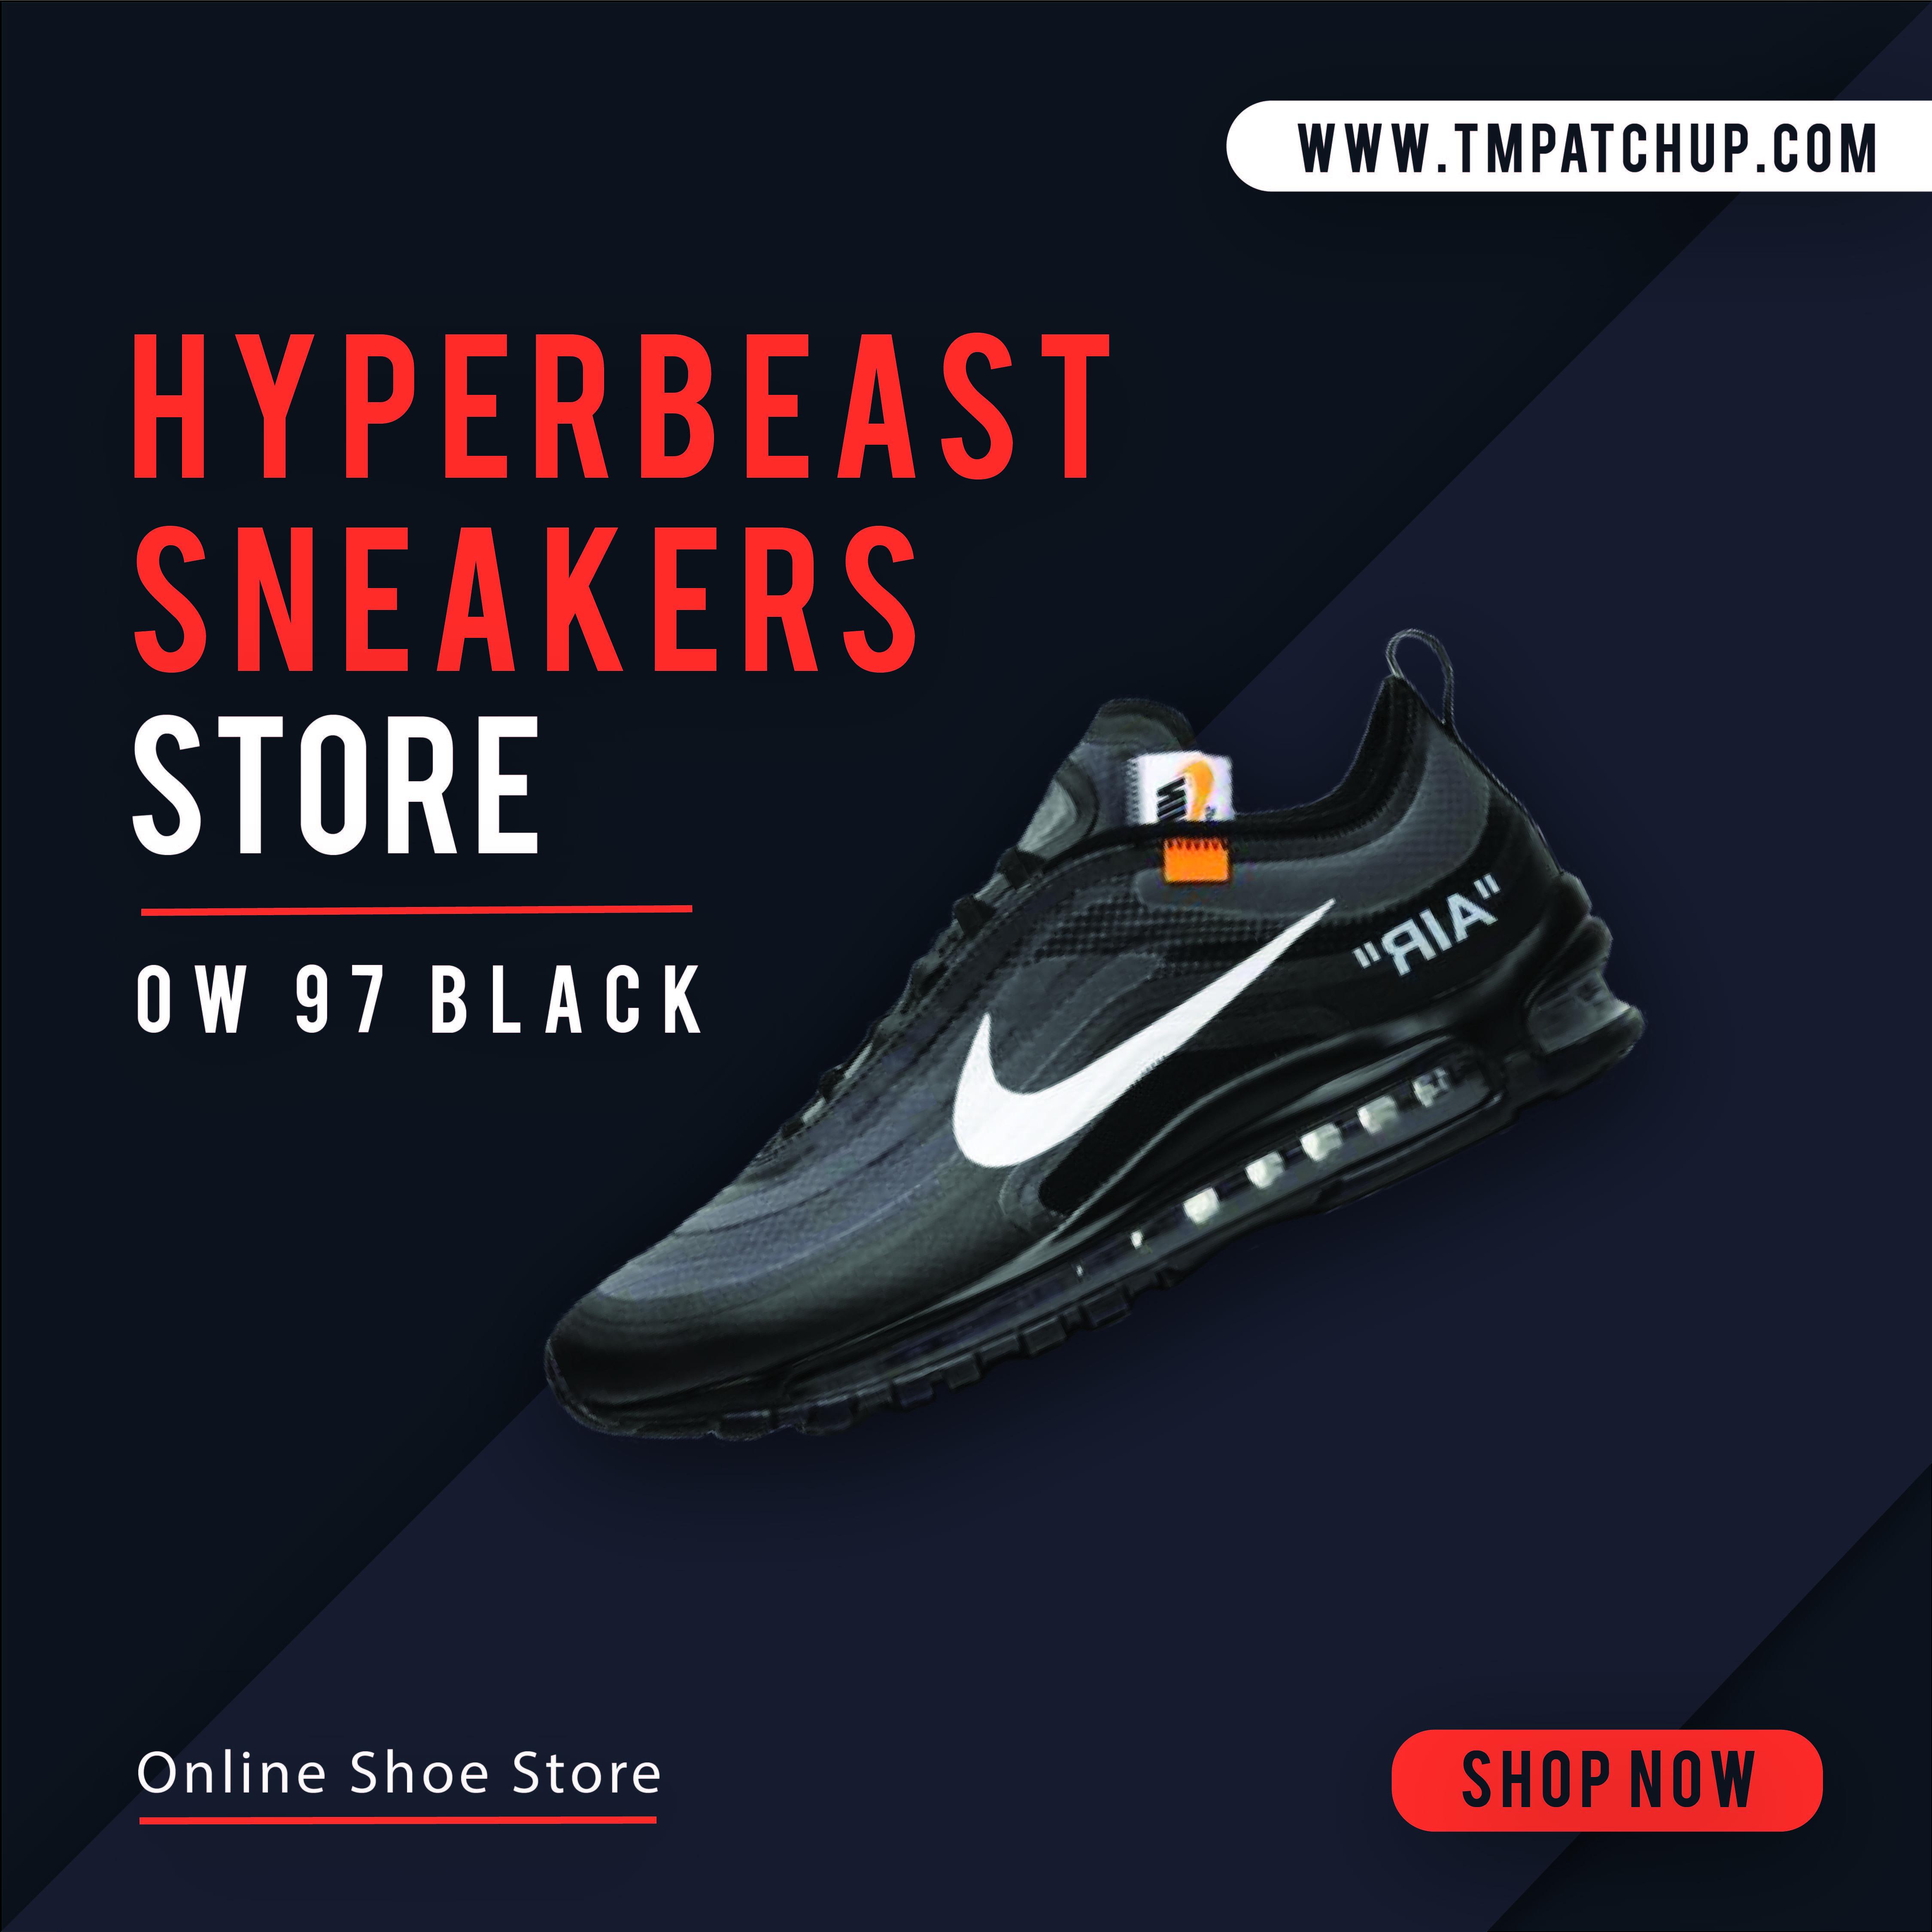 Sneaker stores, Hypebeast sneakers